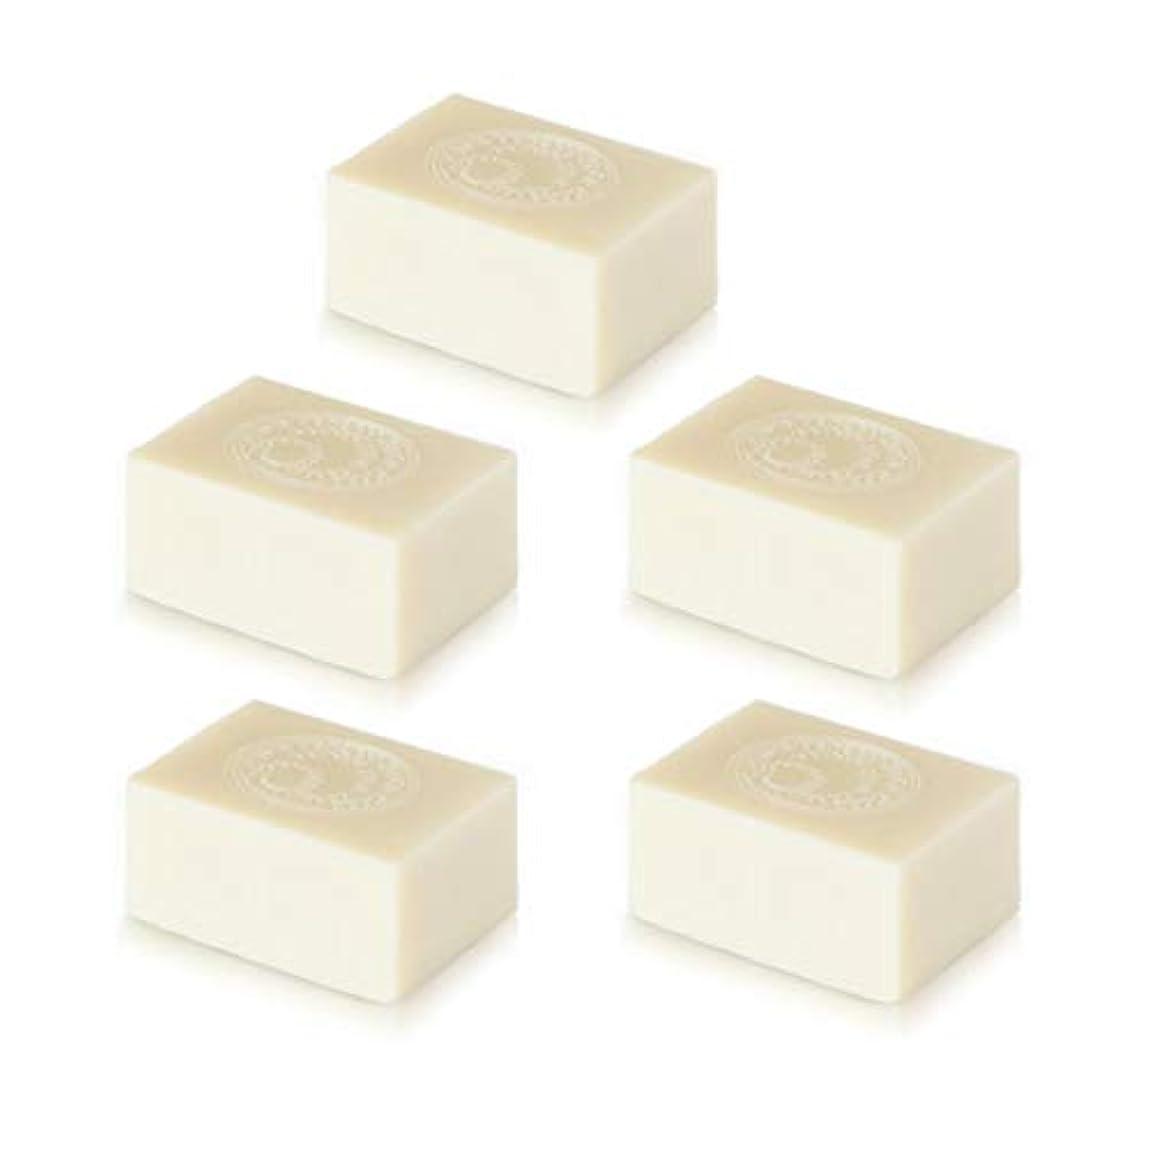 区別する反論者シェルナイアード アルガン石鹸5個セット( 145g ×5個)無添加アルガン石鹸